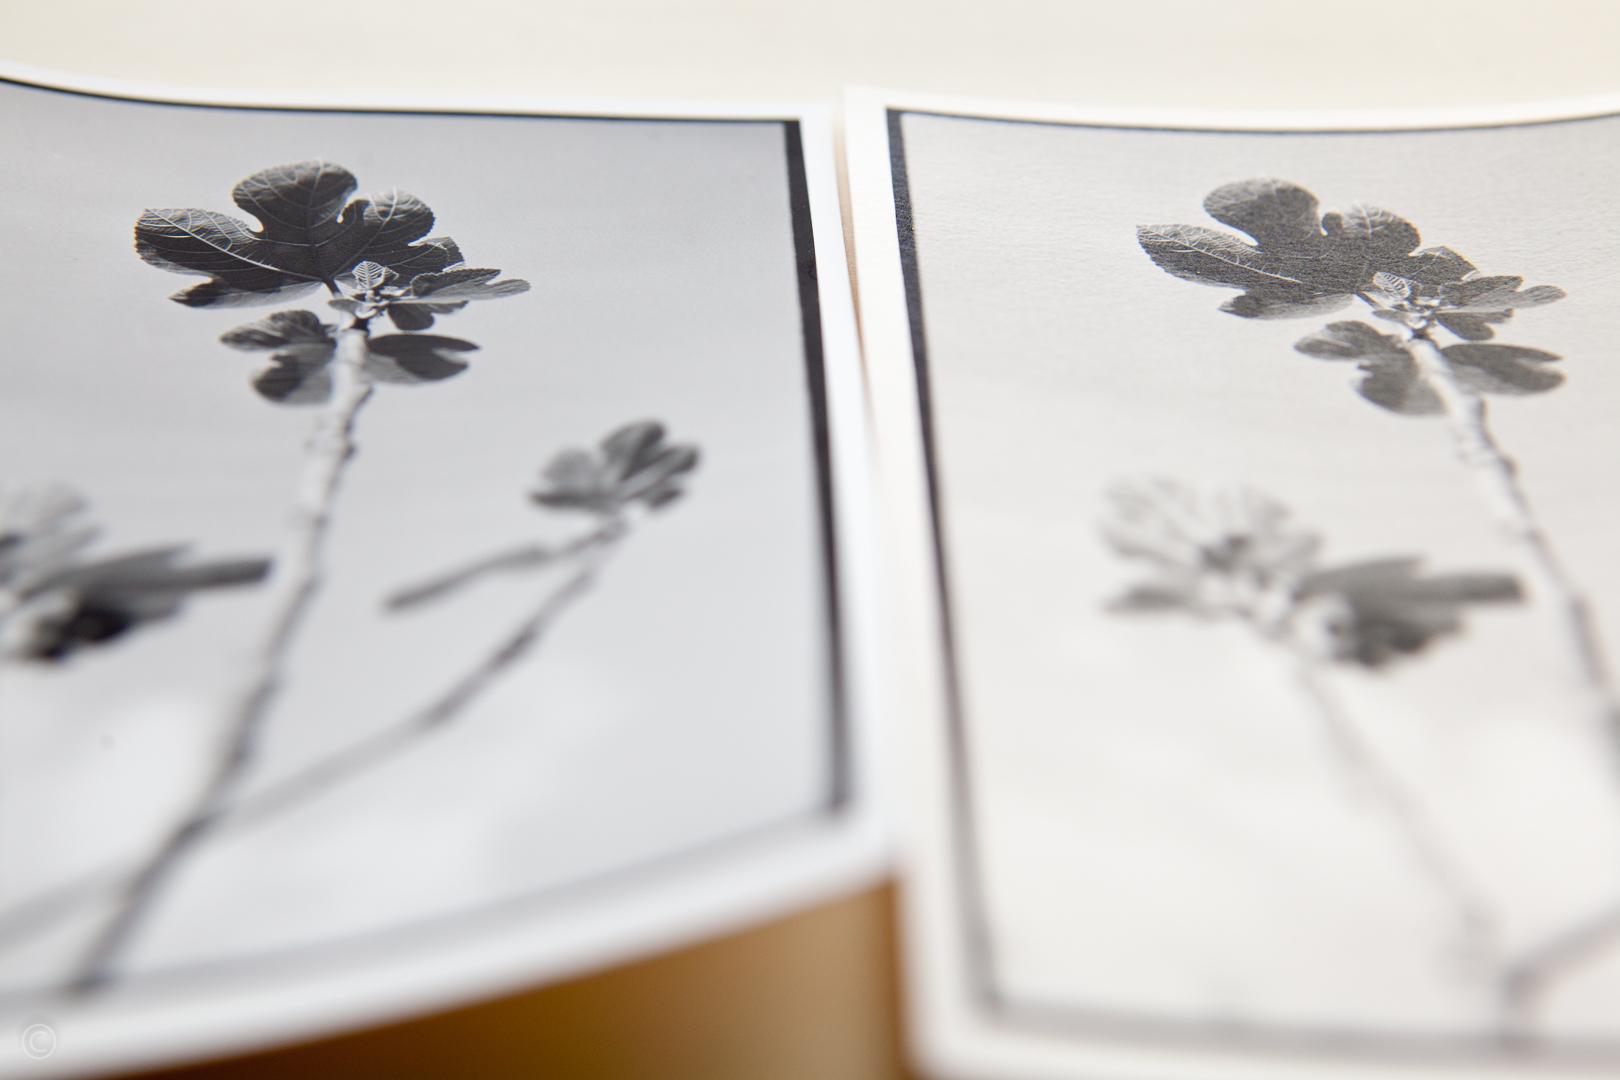 Silver gelatin photo paper comparison Fomabrom Matt vs Ilford Art 300 006